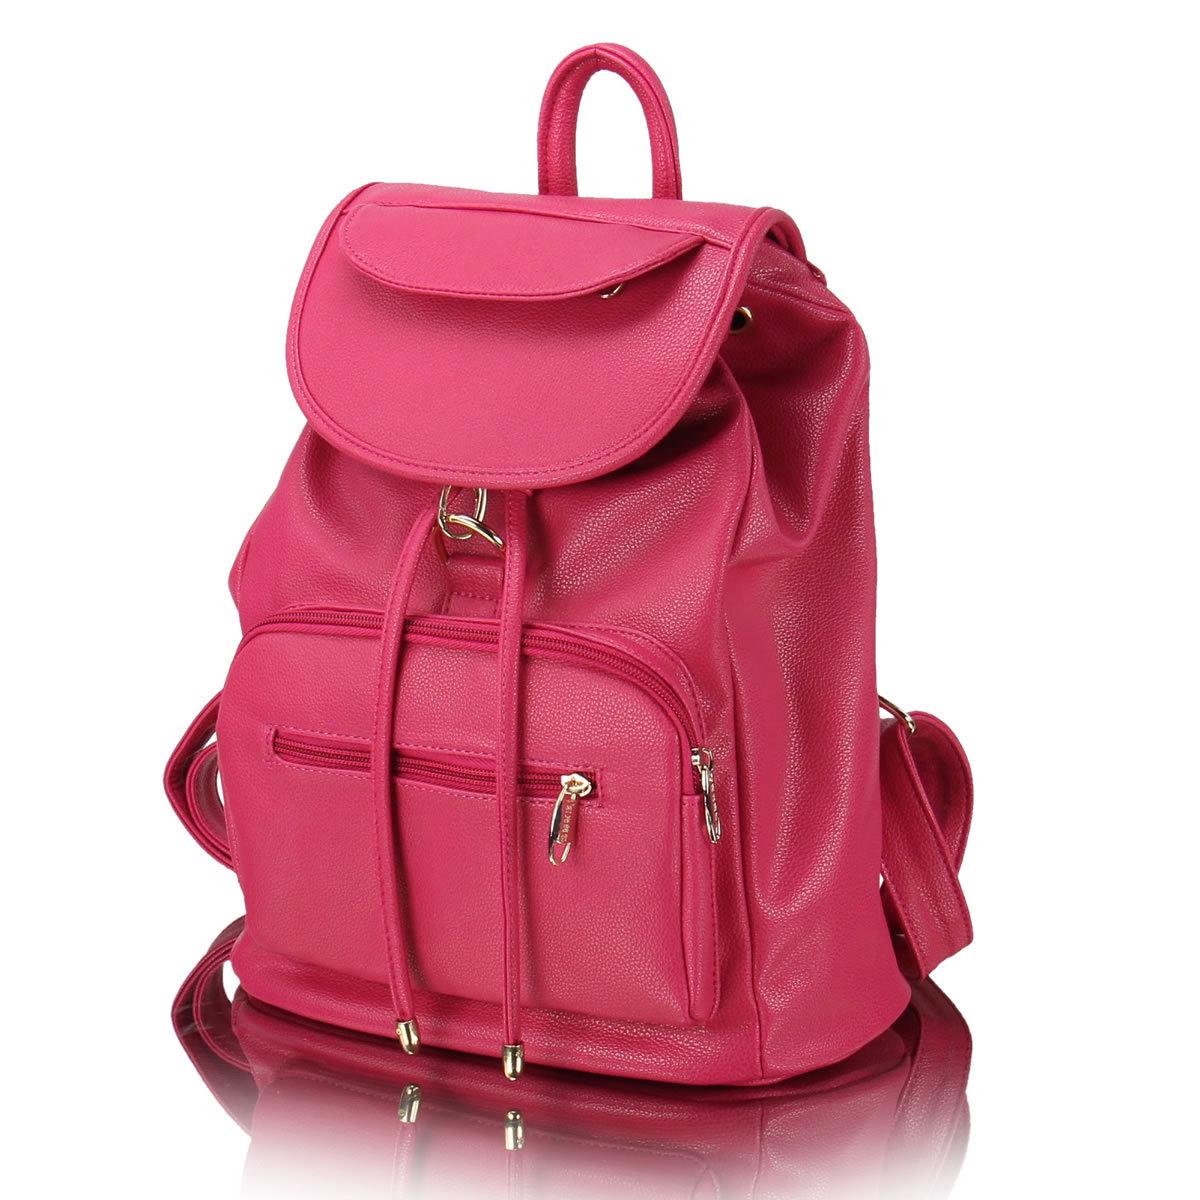 مستلزمات مدرسية وحقائب  للبنات 2013 Bag-fashion-vintage-